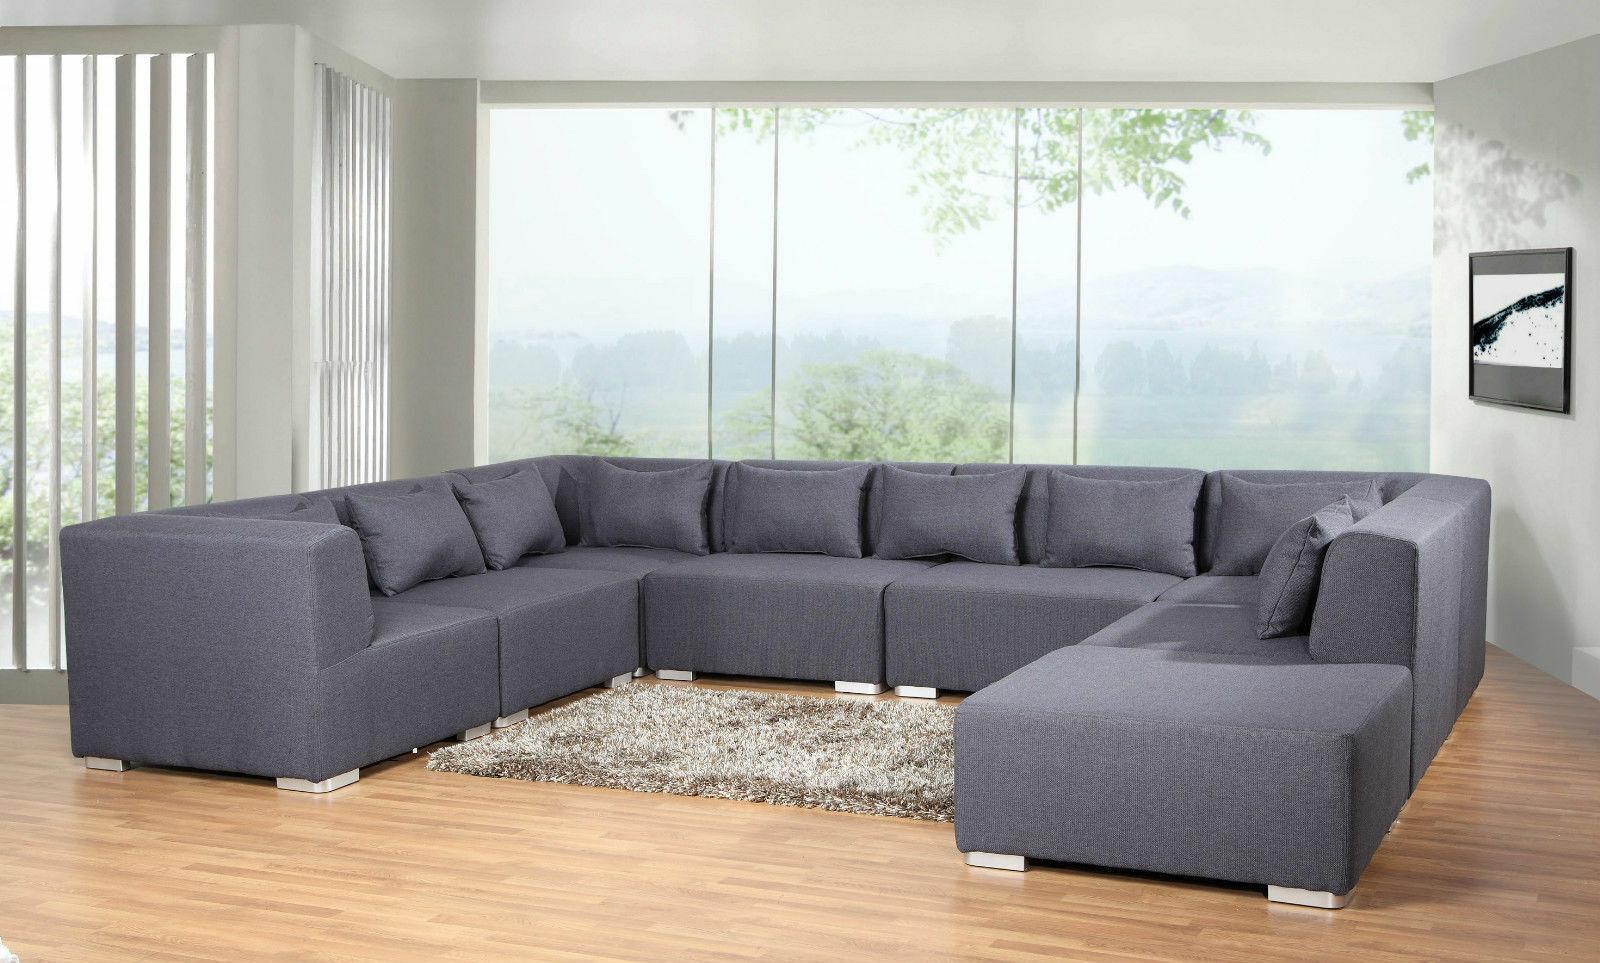 Couchgarnitur Big Sofa 8 TEILE Modulsofa Wohnlandschaft Ecksofa Polsterecke  1 ...